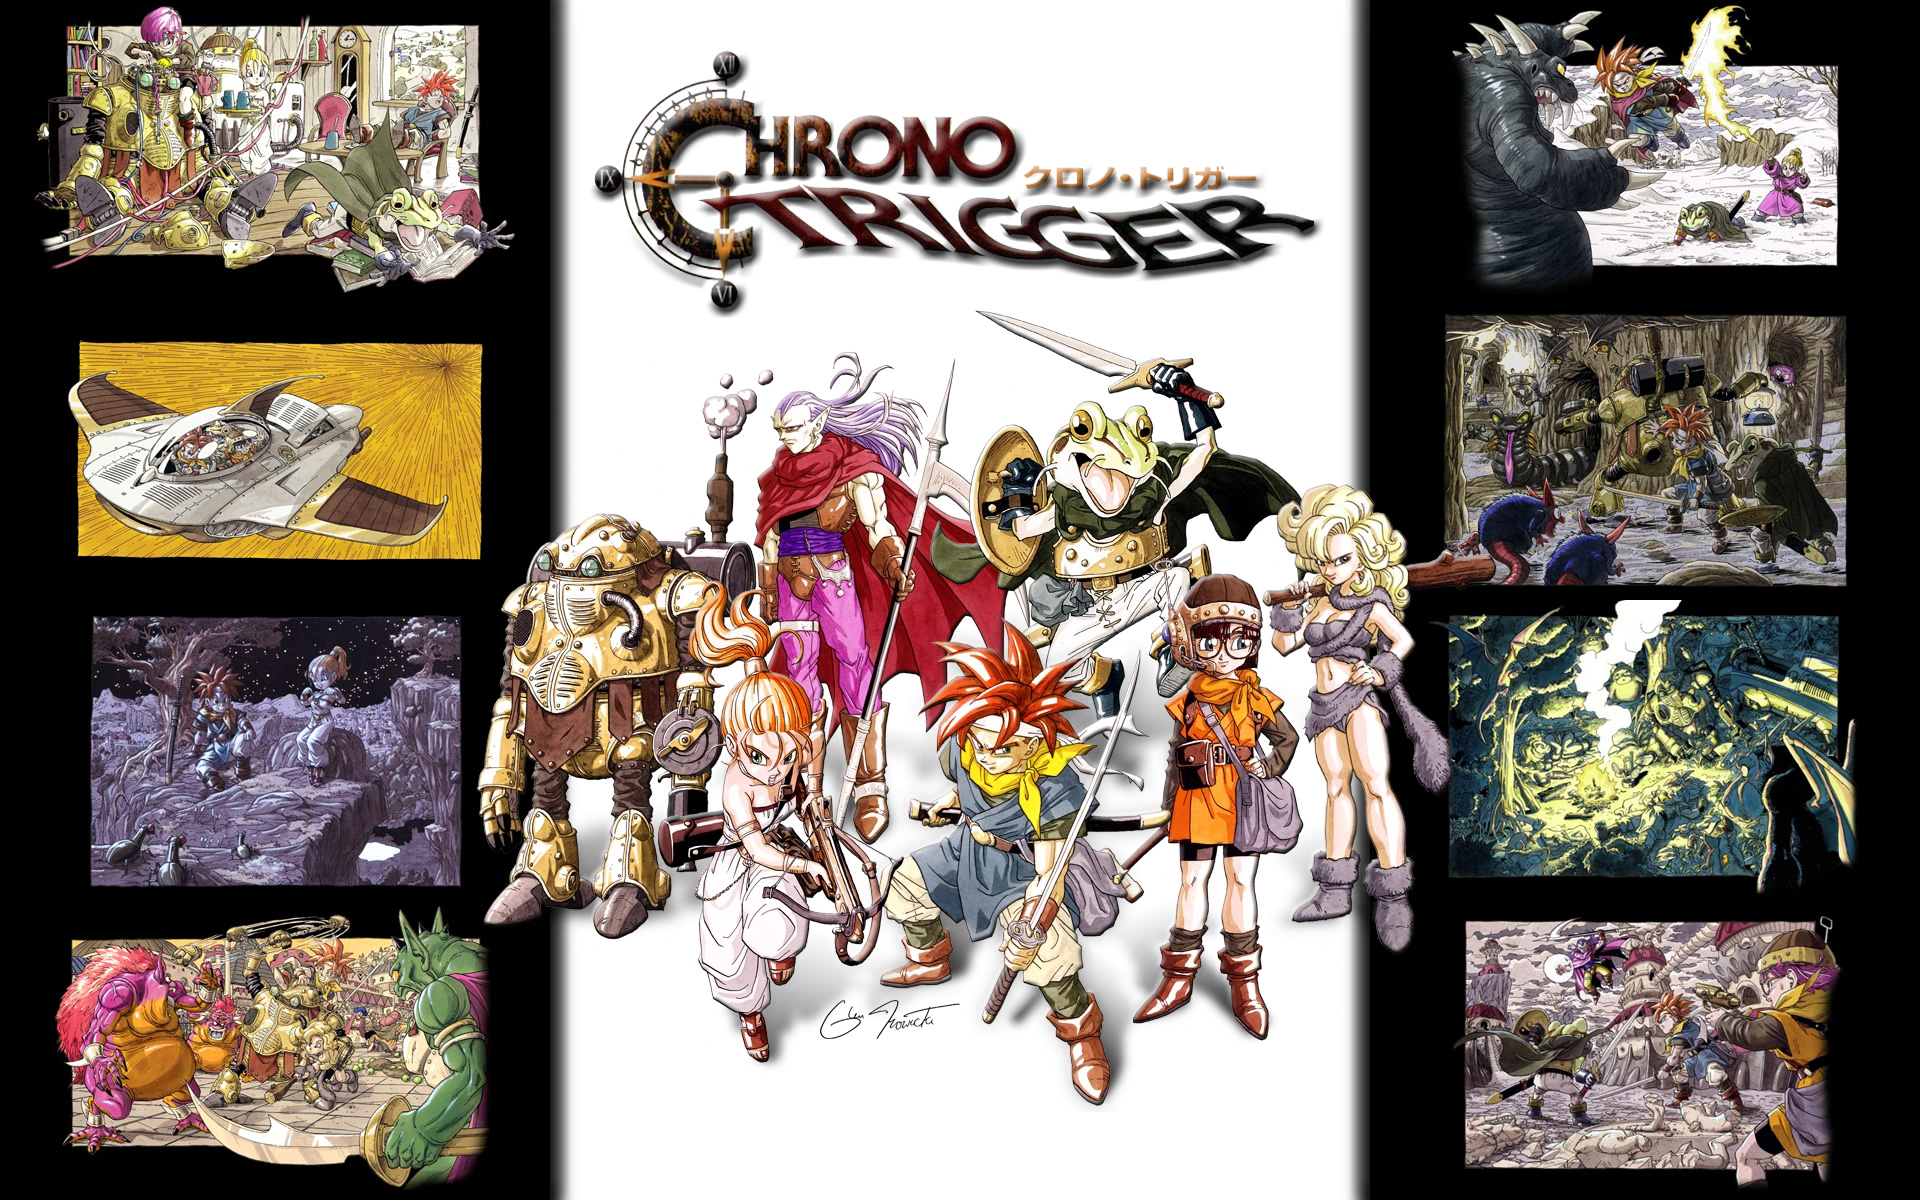 Photo of Em 1995, o mundo conhecia Chrono Trigger! [SNES] [Retro Games] [Post do Recruta]